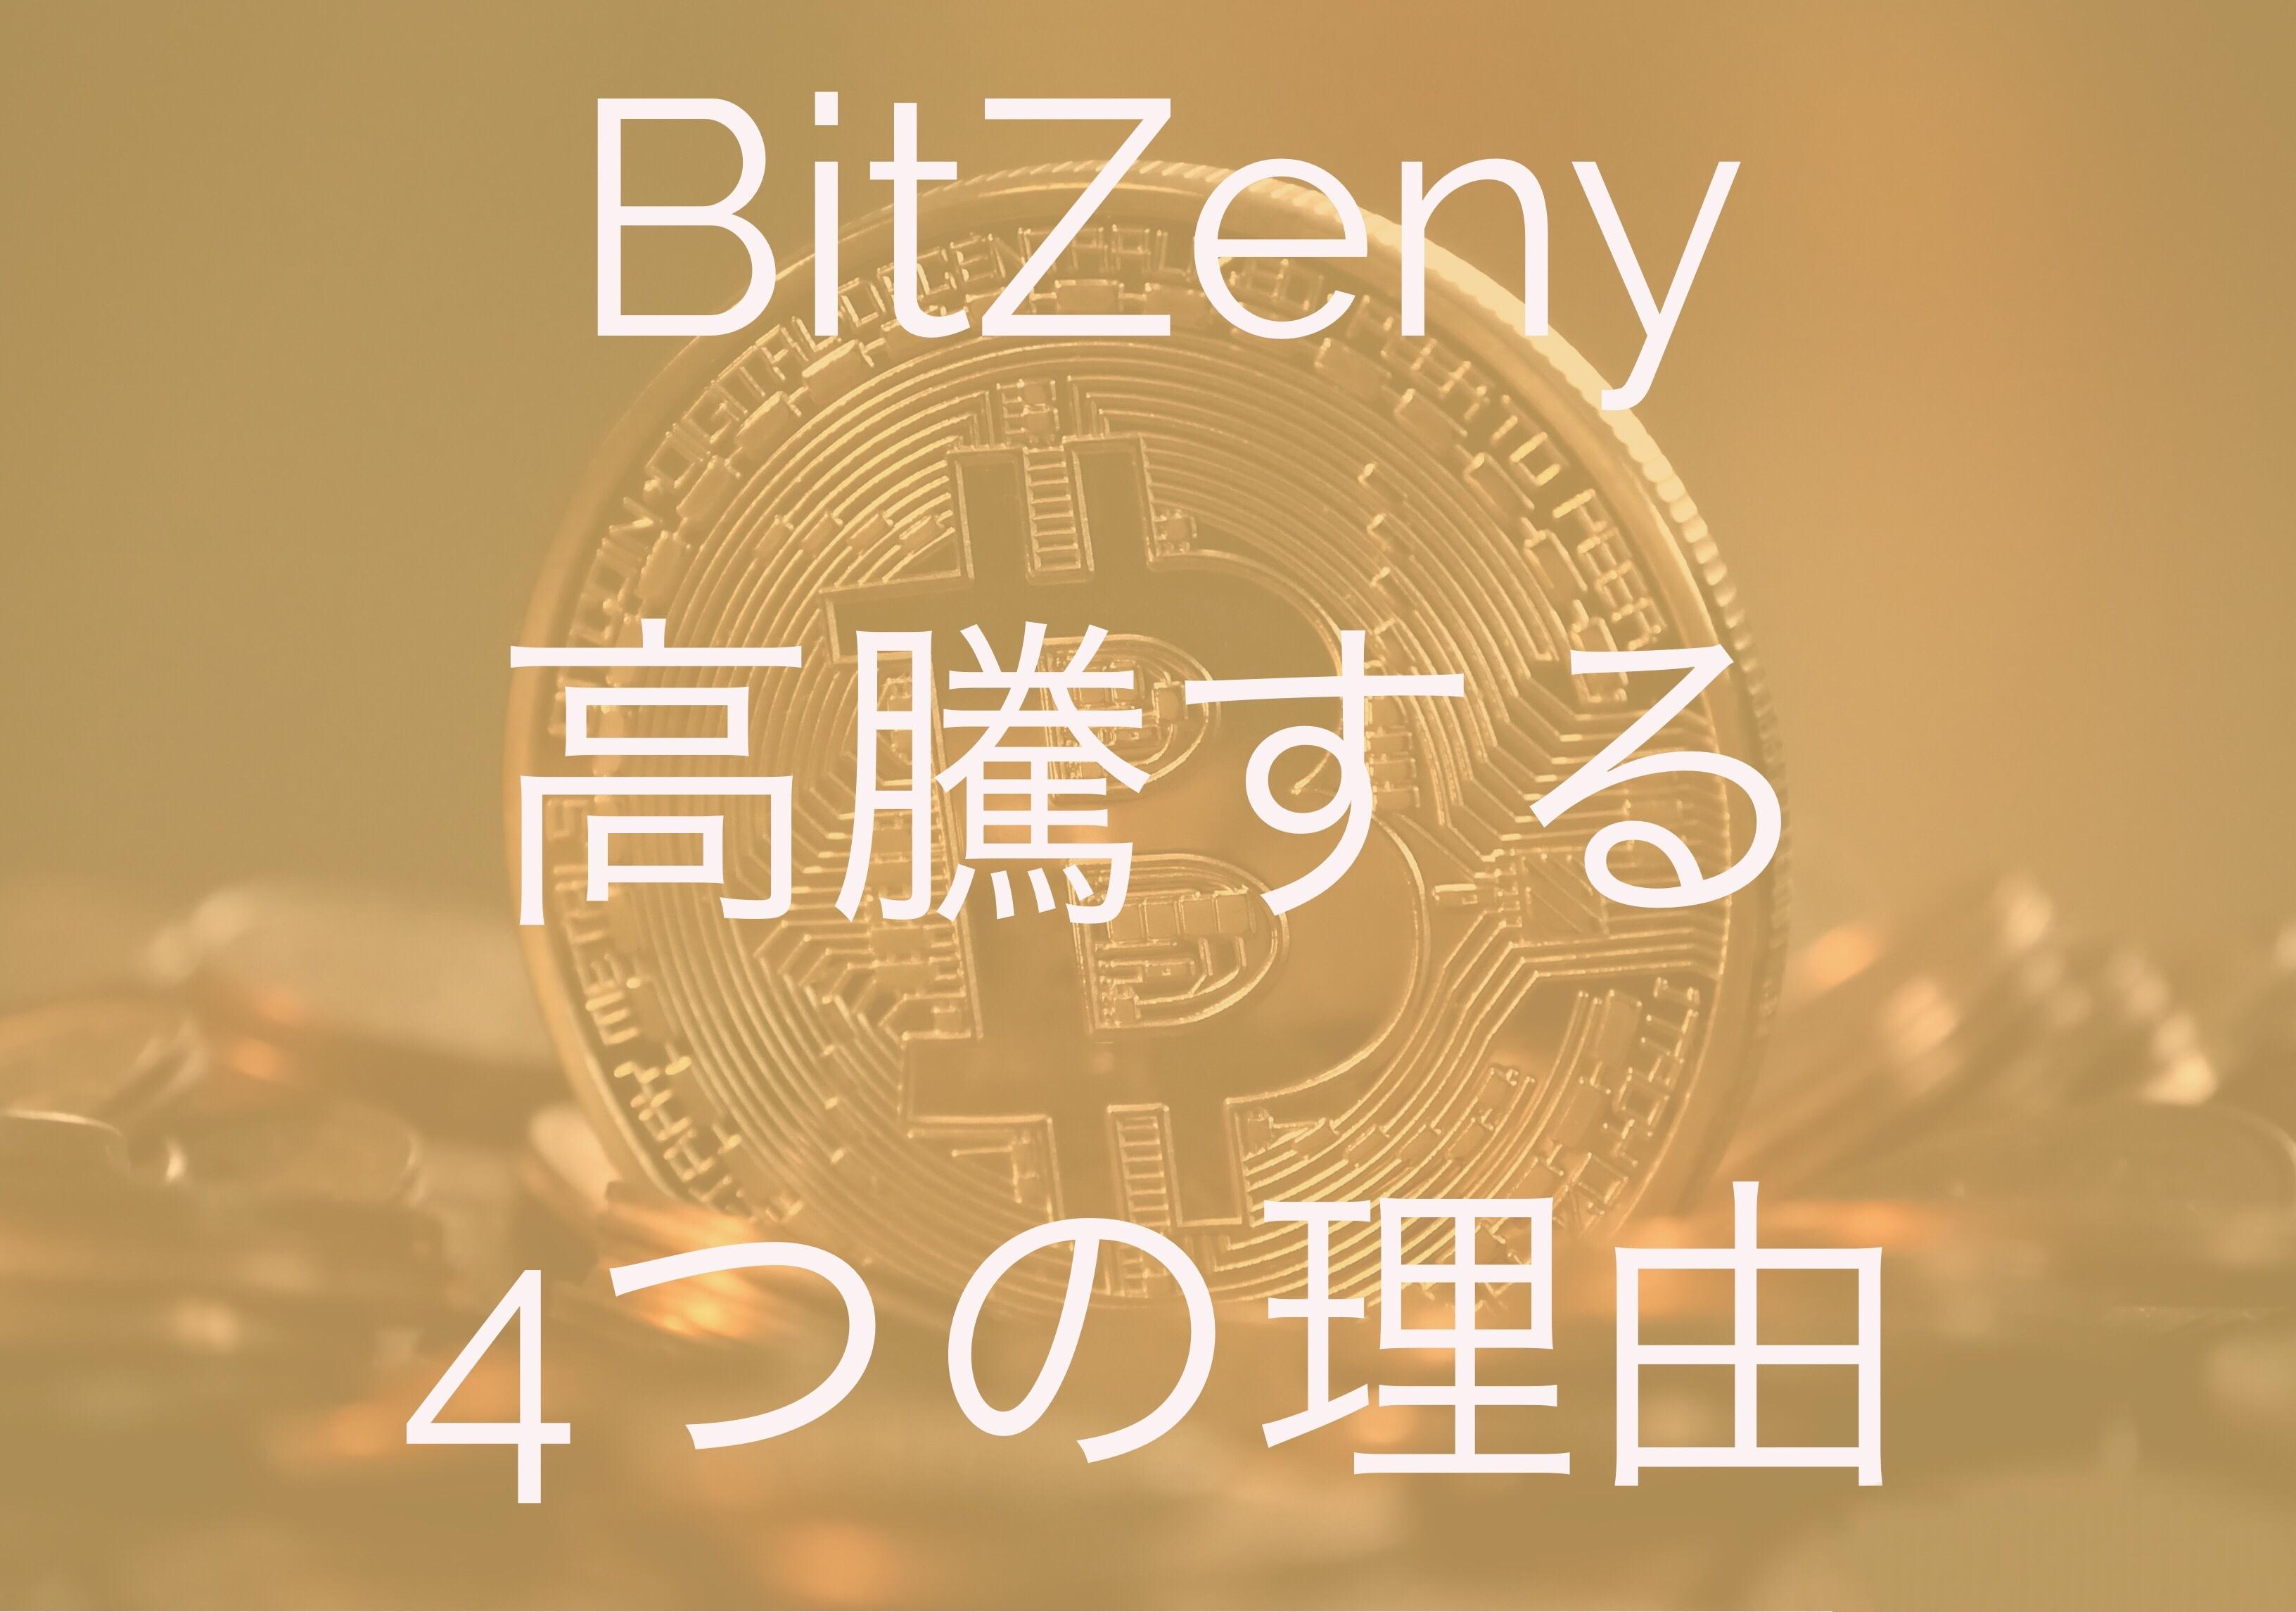 【BitZeny】これから高騰する4つの理由!?BitZenyとは?